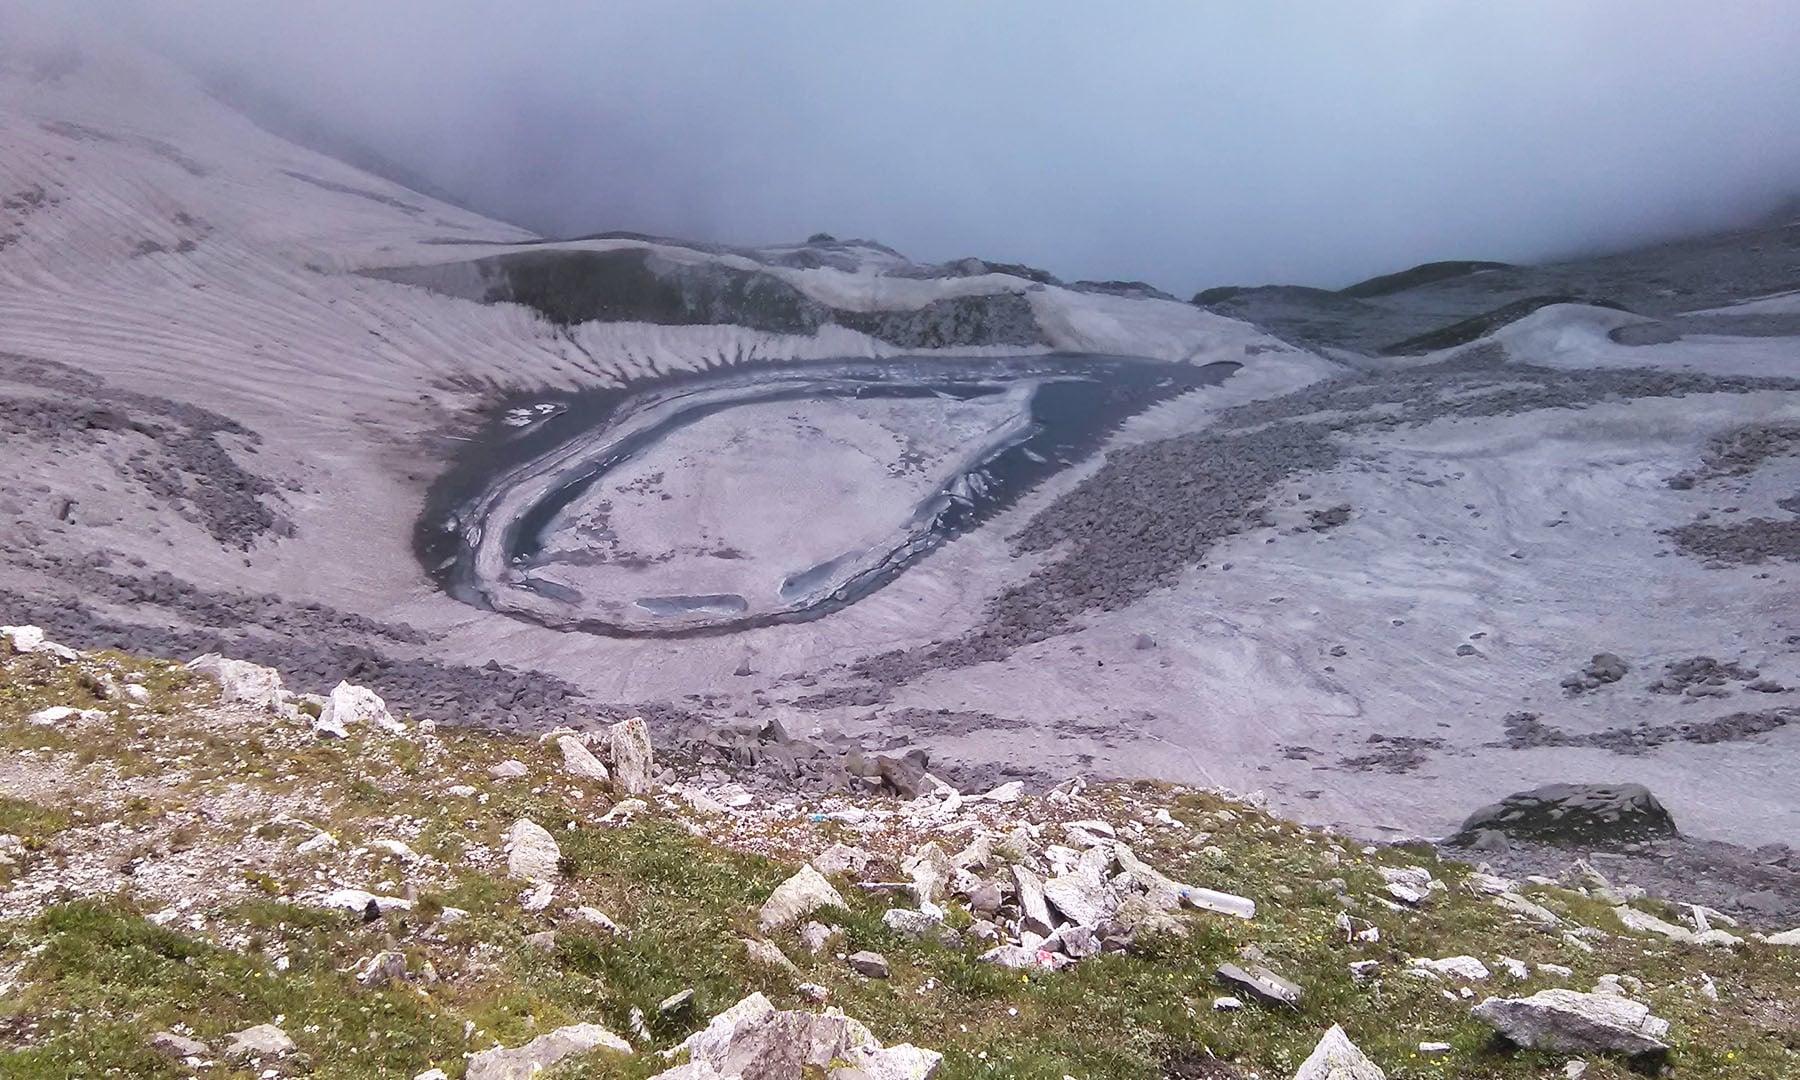 آنسو جھیل سطح سمندر سے 13550 فٹ بلندی پروادی کاغان میں واقع ہے —تصویر عظمت اکبر